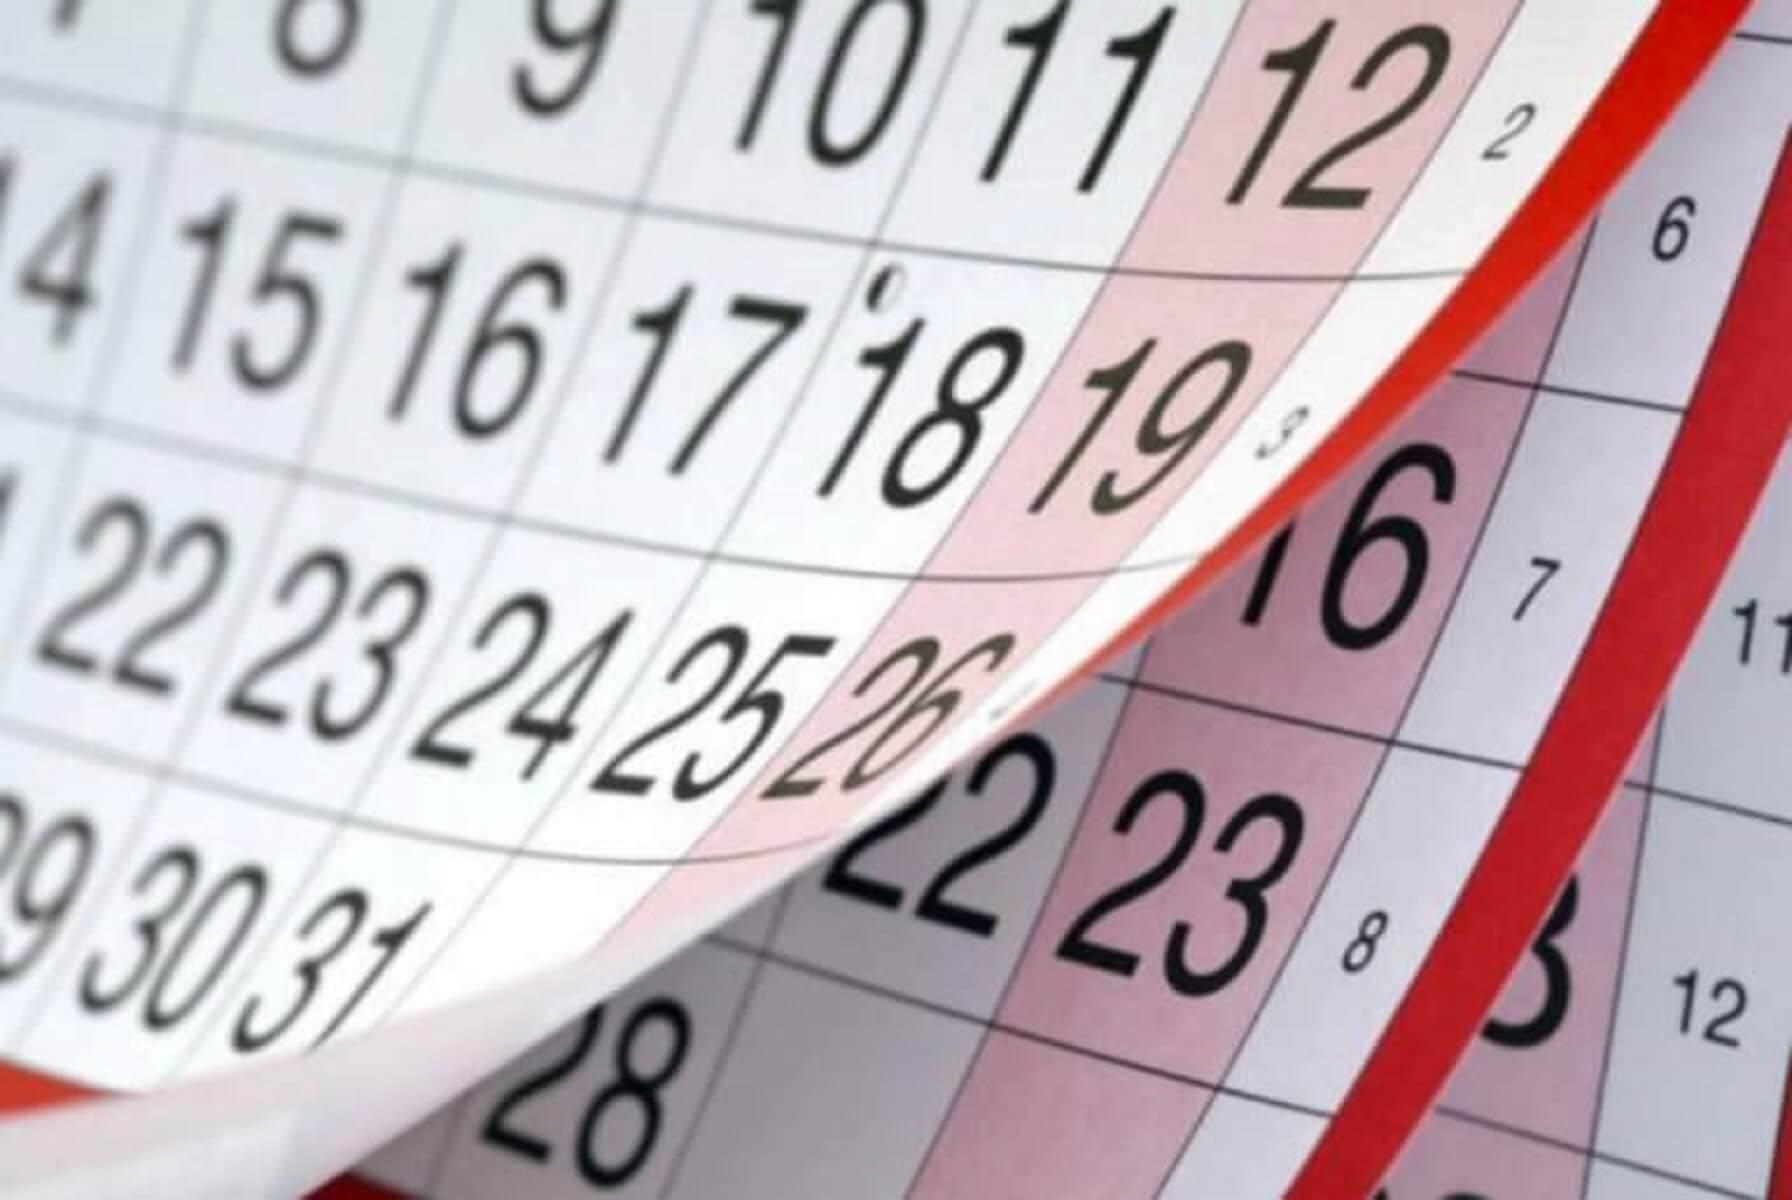 Καθαρά Δευτέρα 2020, Αγίου Πνεύματος, Πάσχα – Πότε πέφτουν οι αργίες